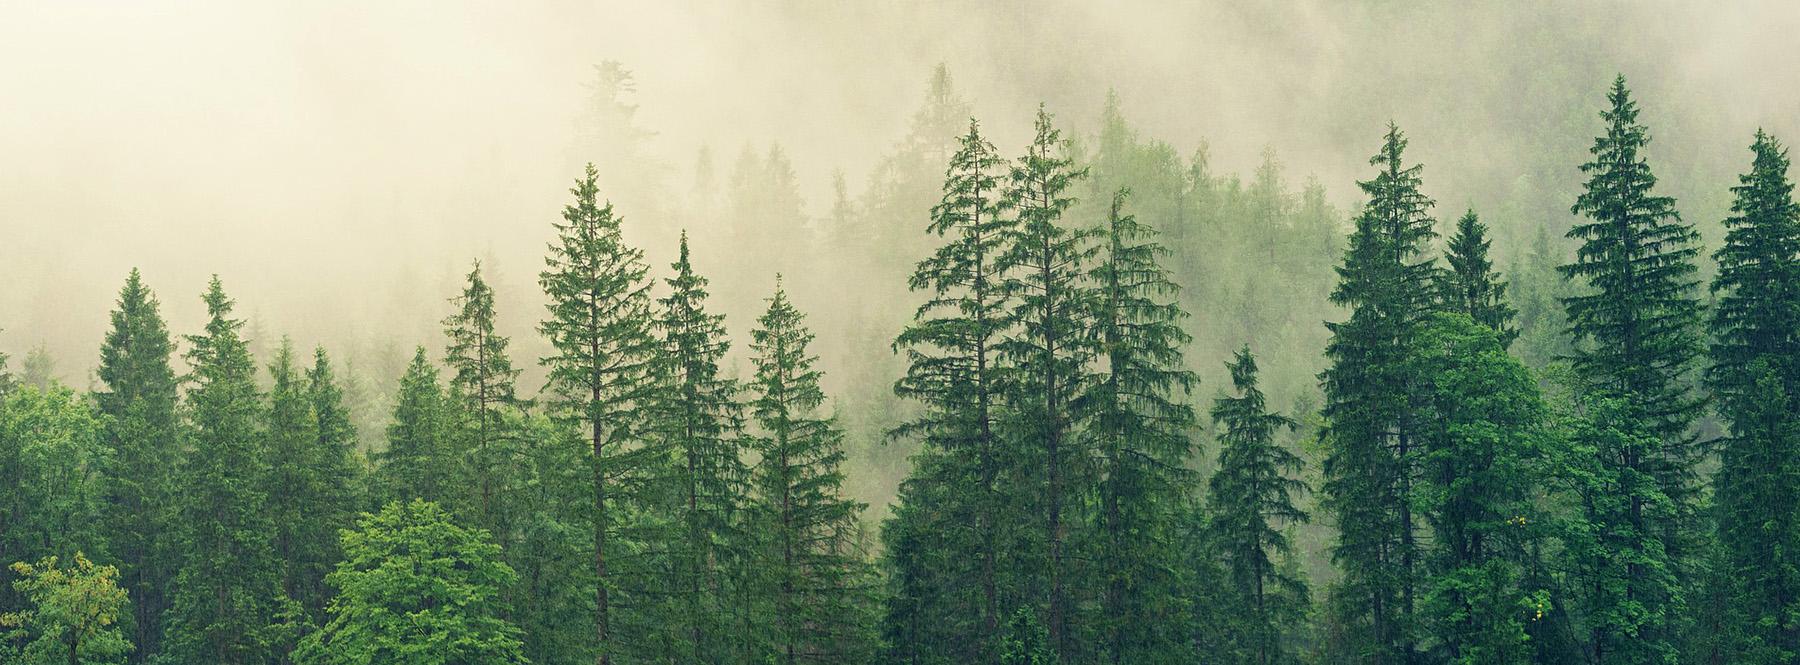 Madera-met%c3%a1lica-titanio-bosque-arboles